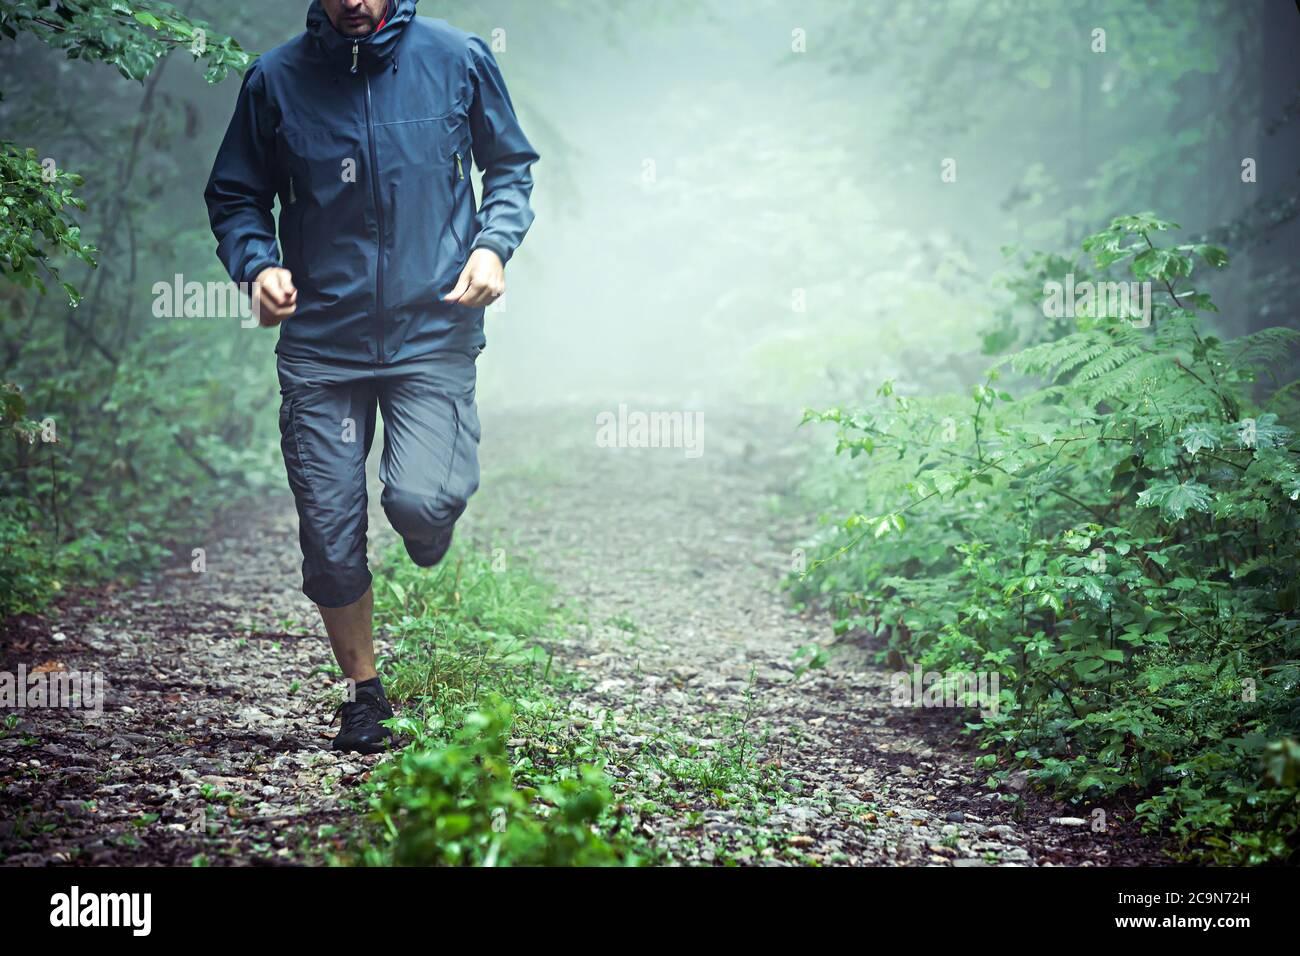 Primo piano di atleta maschile, indossando abiti all'aperto, che corre attraverso la foresta nebbiosa di mattina presto. Spazio per la copia disponibile. Foto Stock